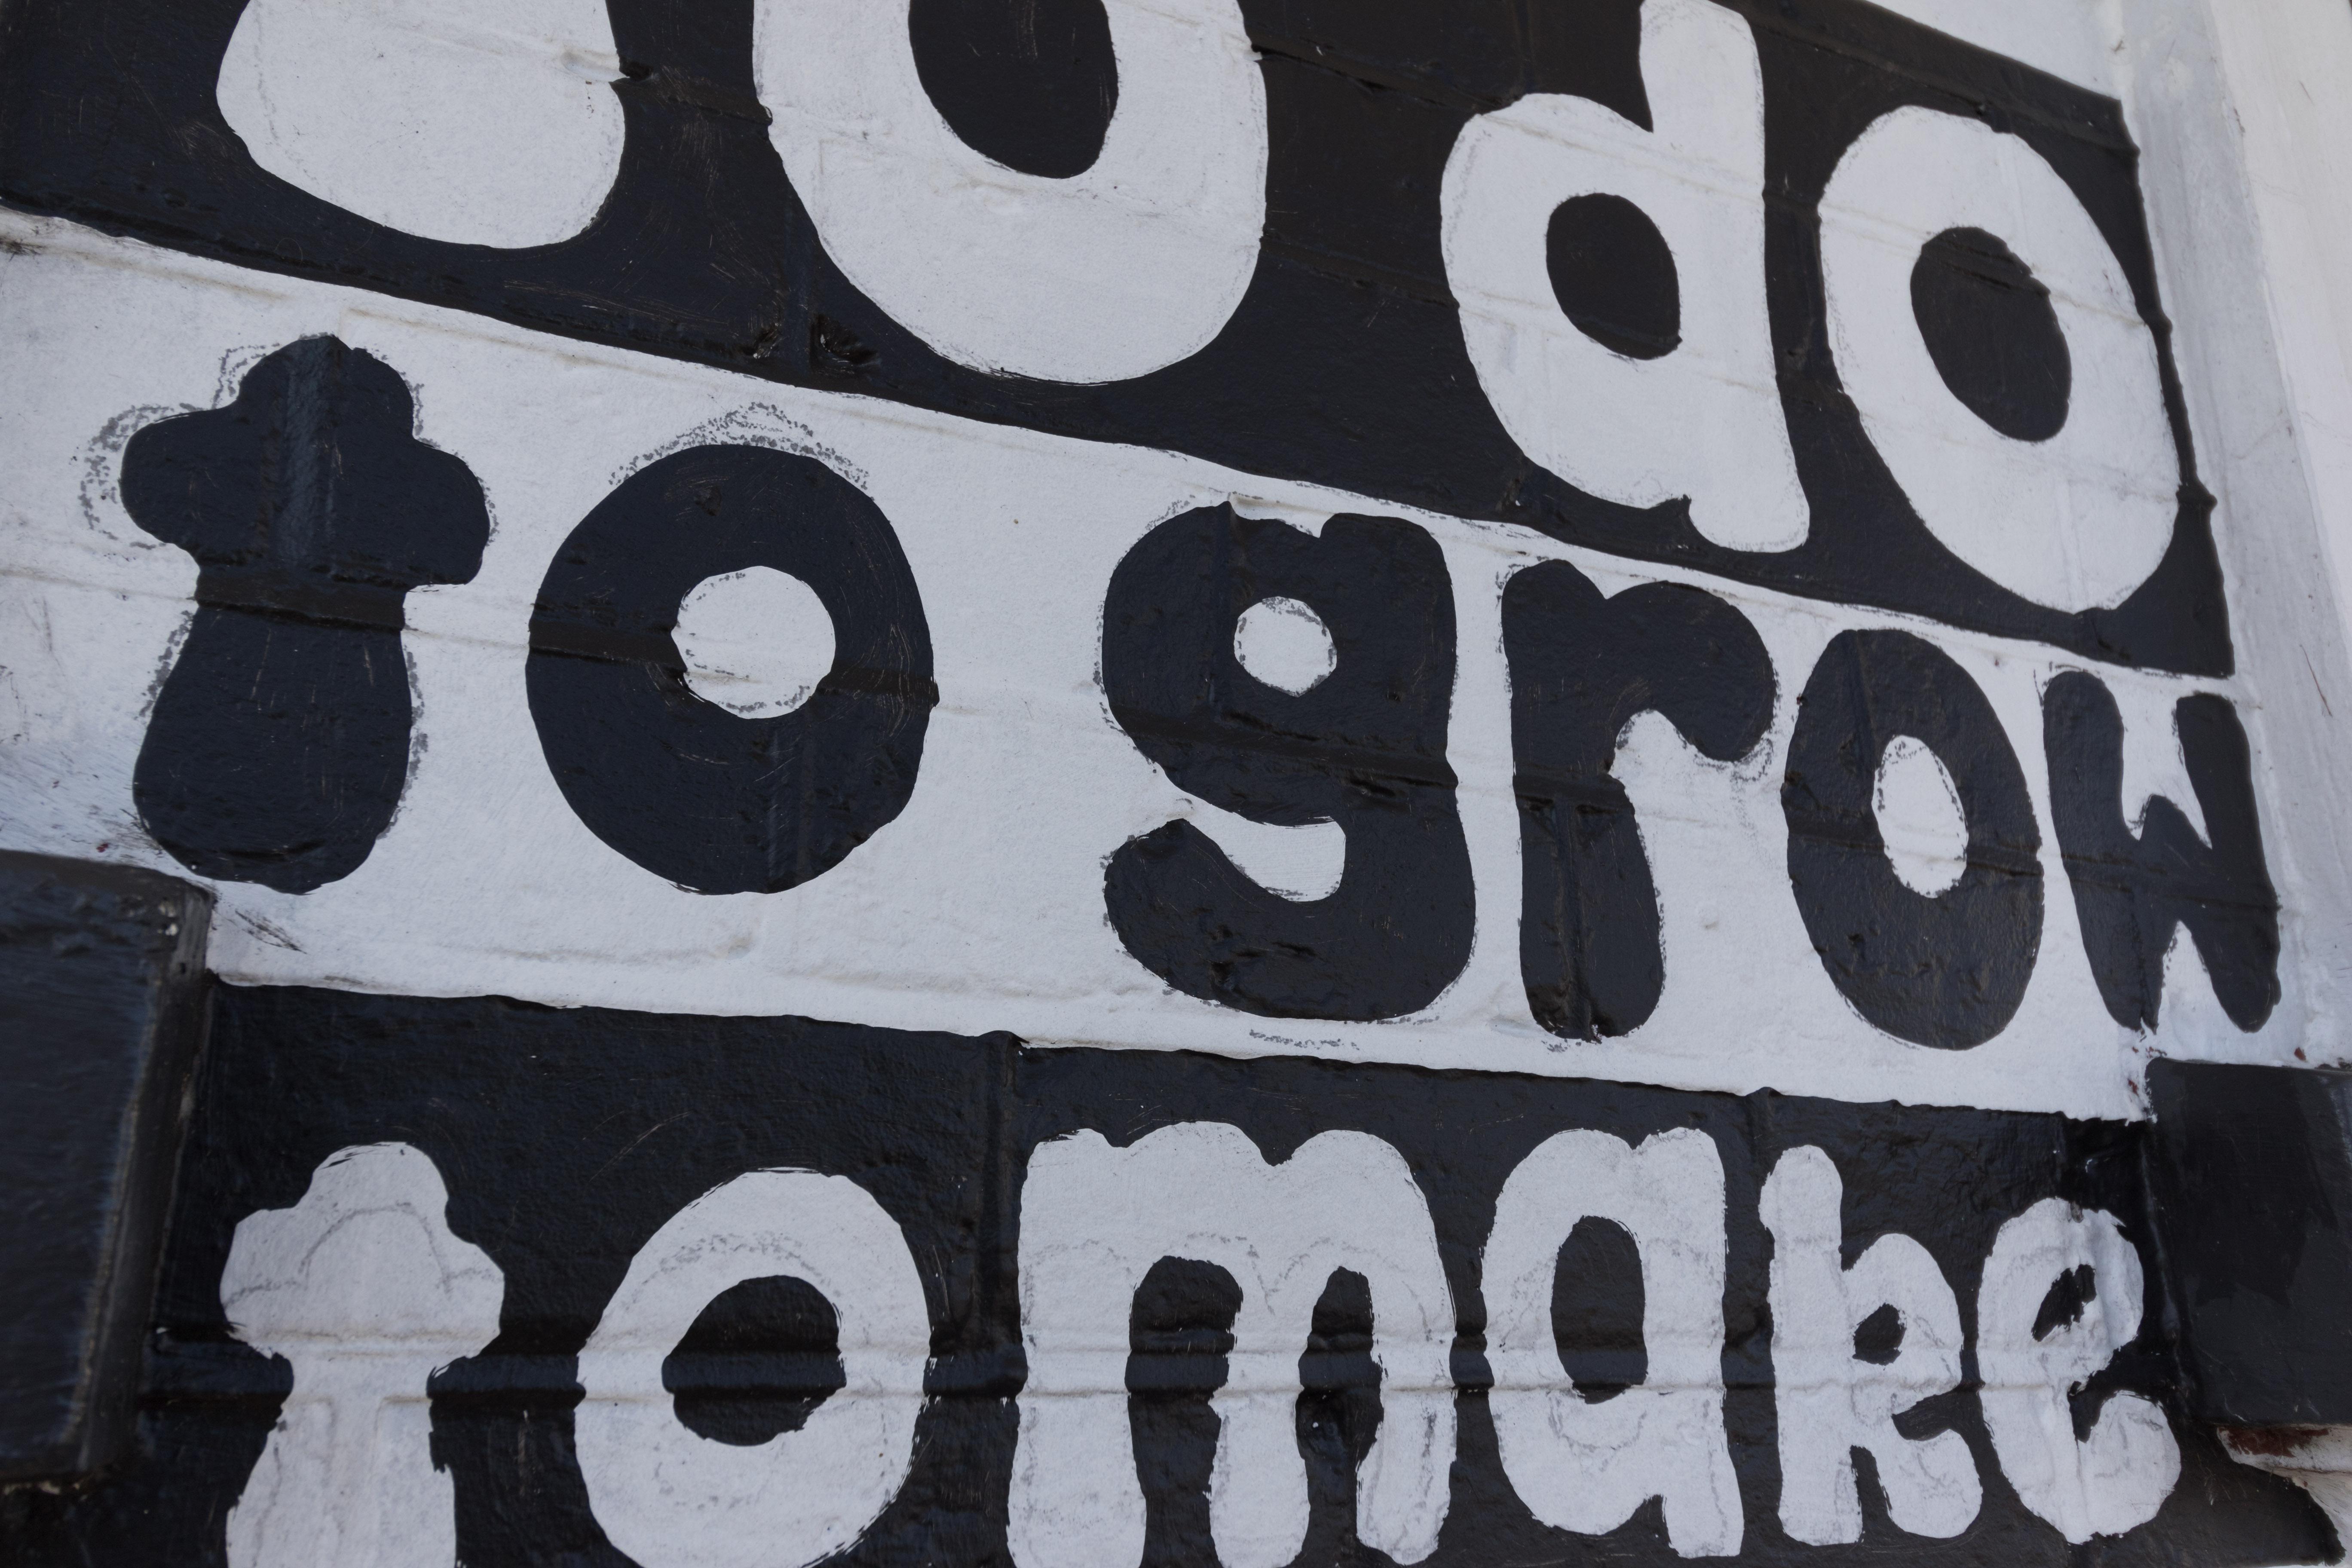 Yvonderweg - Ken jezelf! - To grow